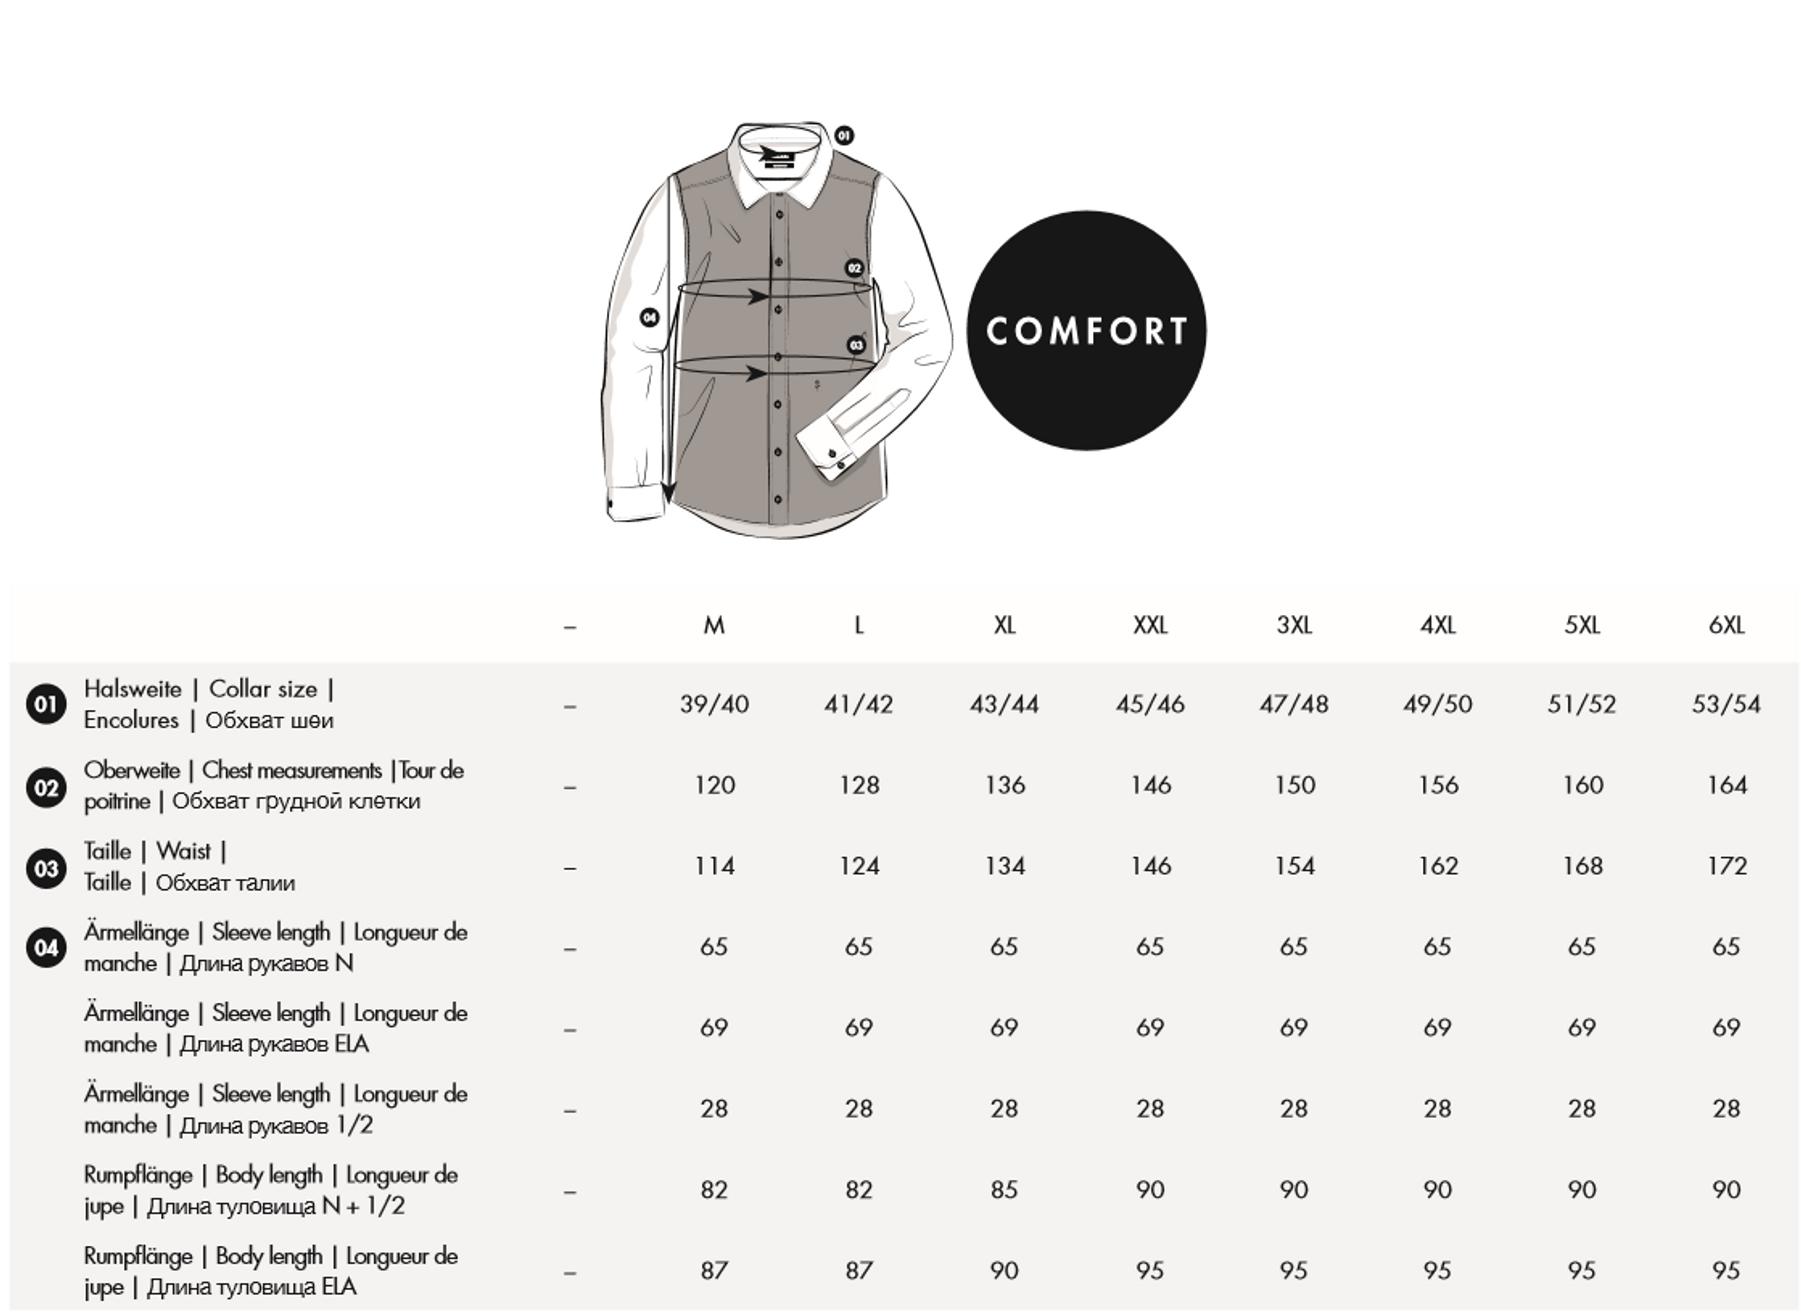 Seidensticker - Herren Hemd 1/2 Arm, Bügelfrei, Comfort, Schwarze Rose mit Kent Kragen in Weiß (01.312421) – Bild 6